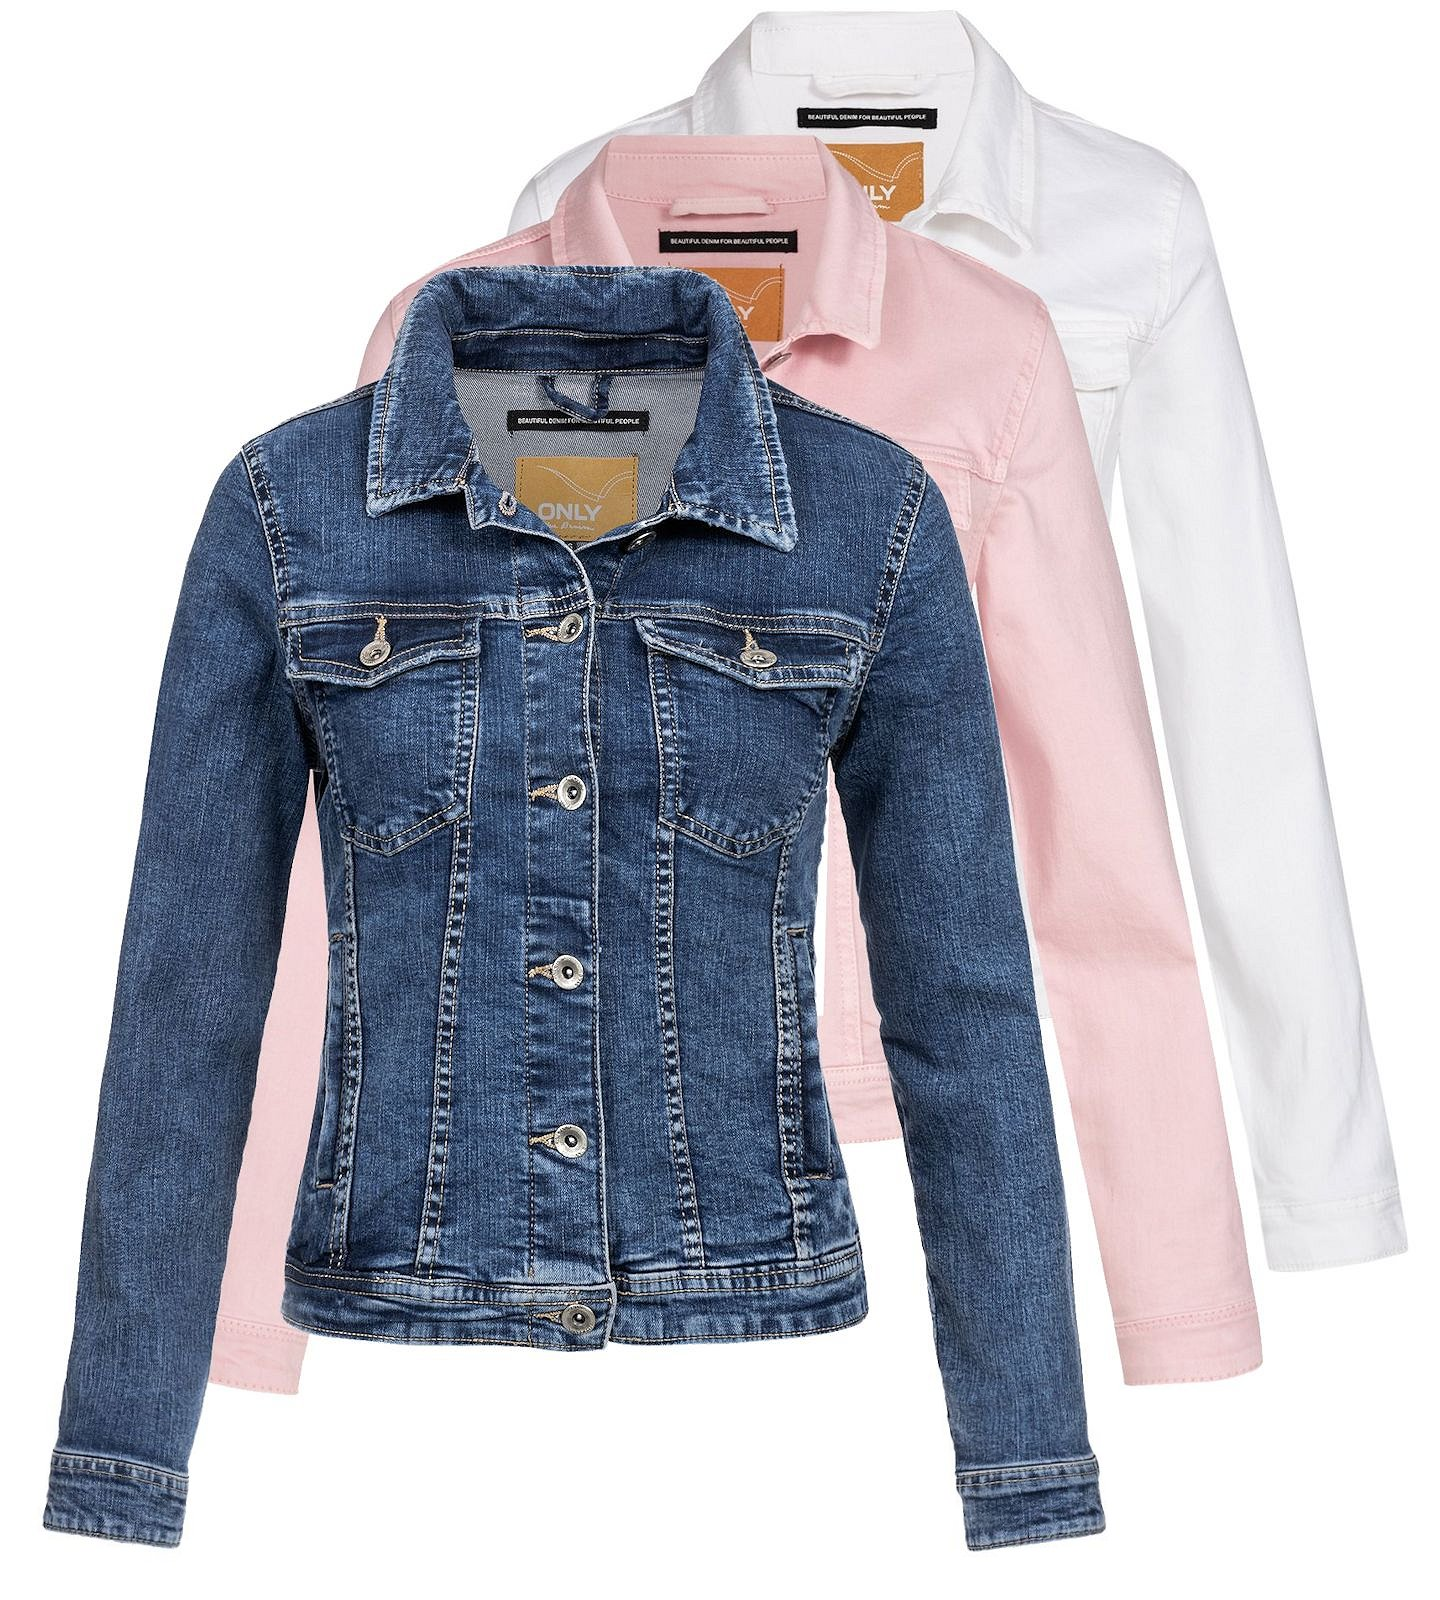 the latest 960d6 1836c Details zu Only Damen Jeansjacke Jacke Damenjacke Denim Übergangsjacke  Jeans Tia